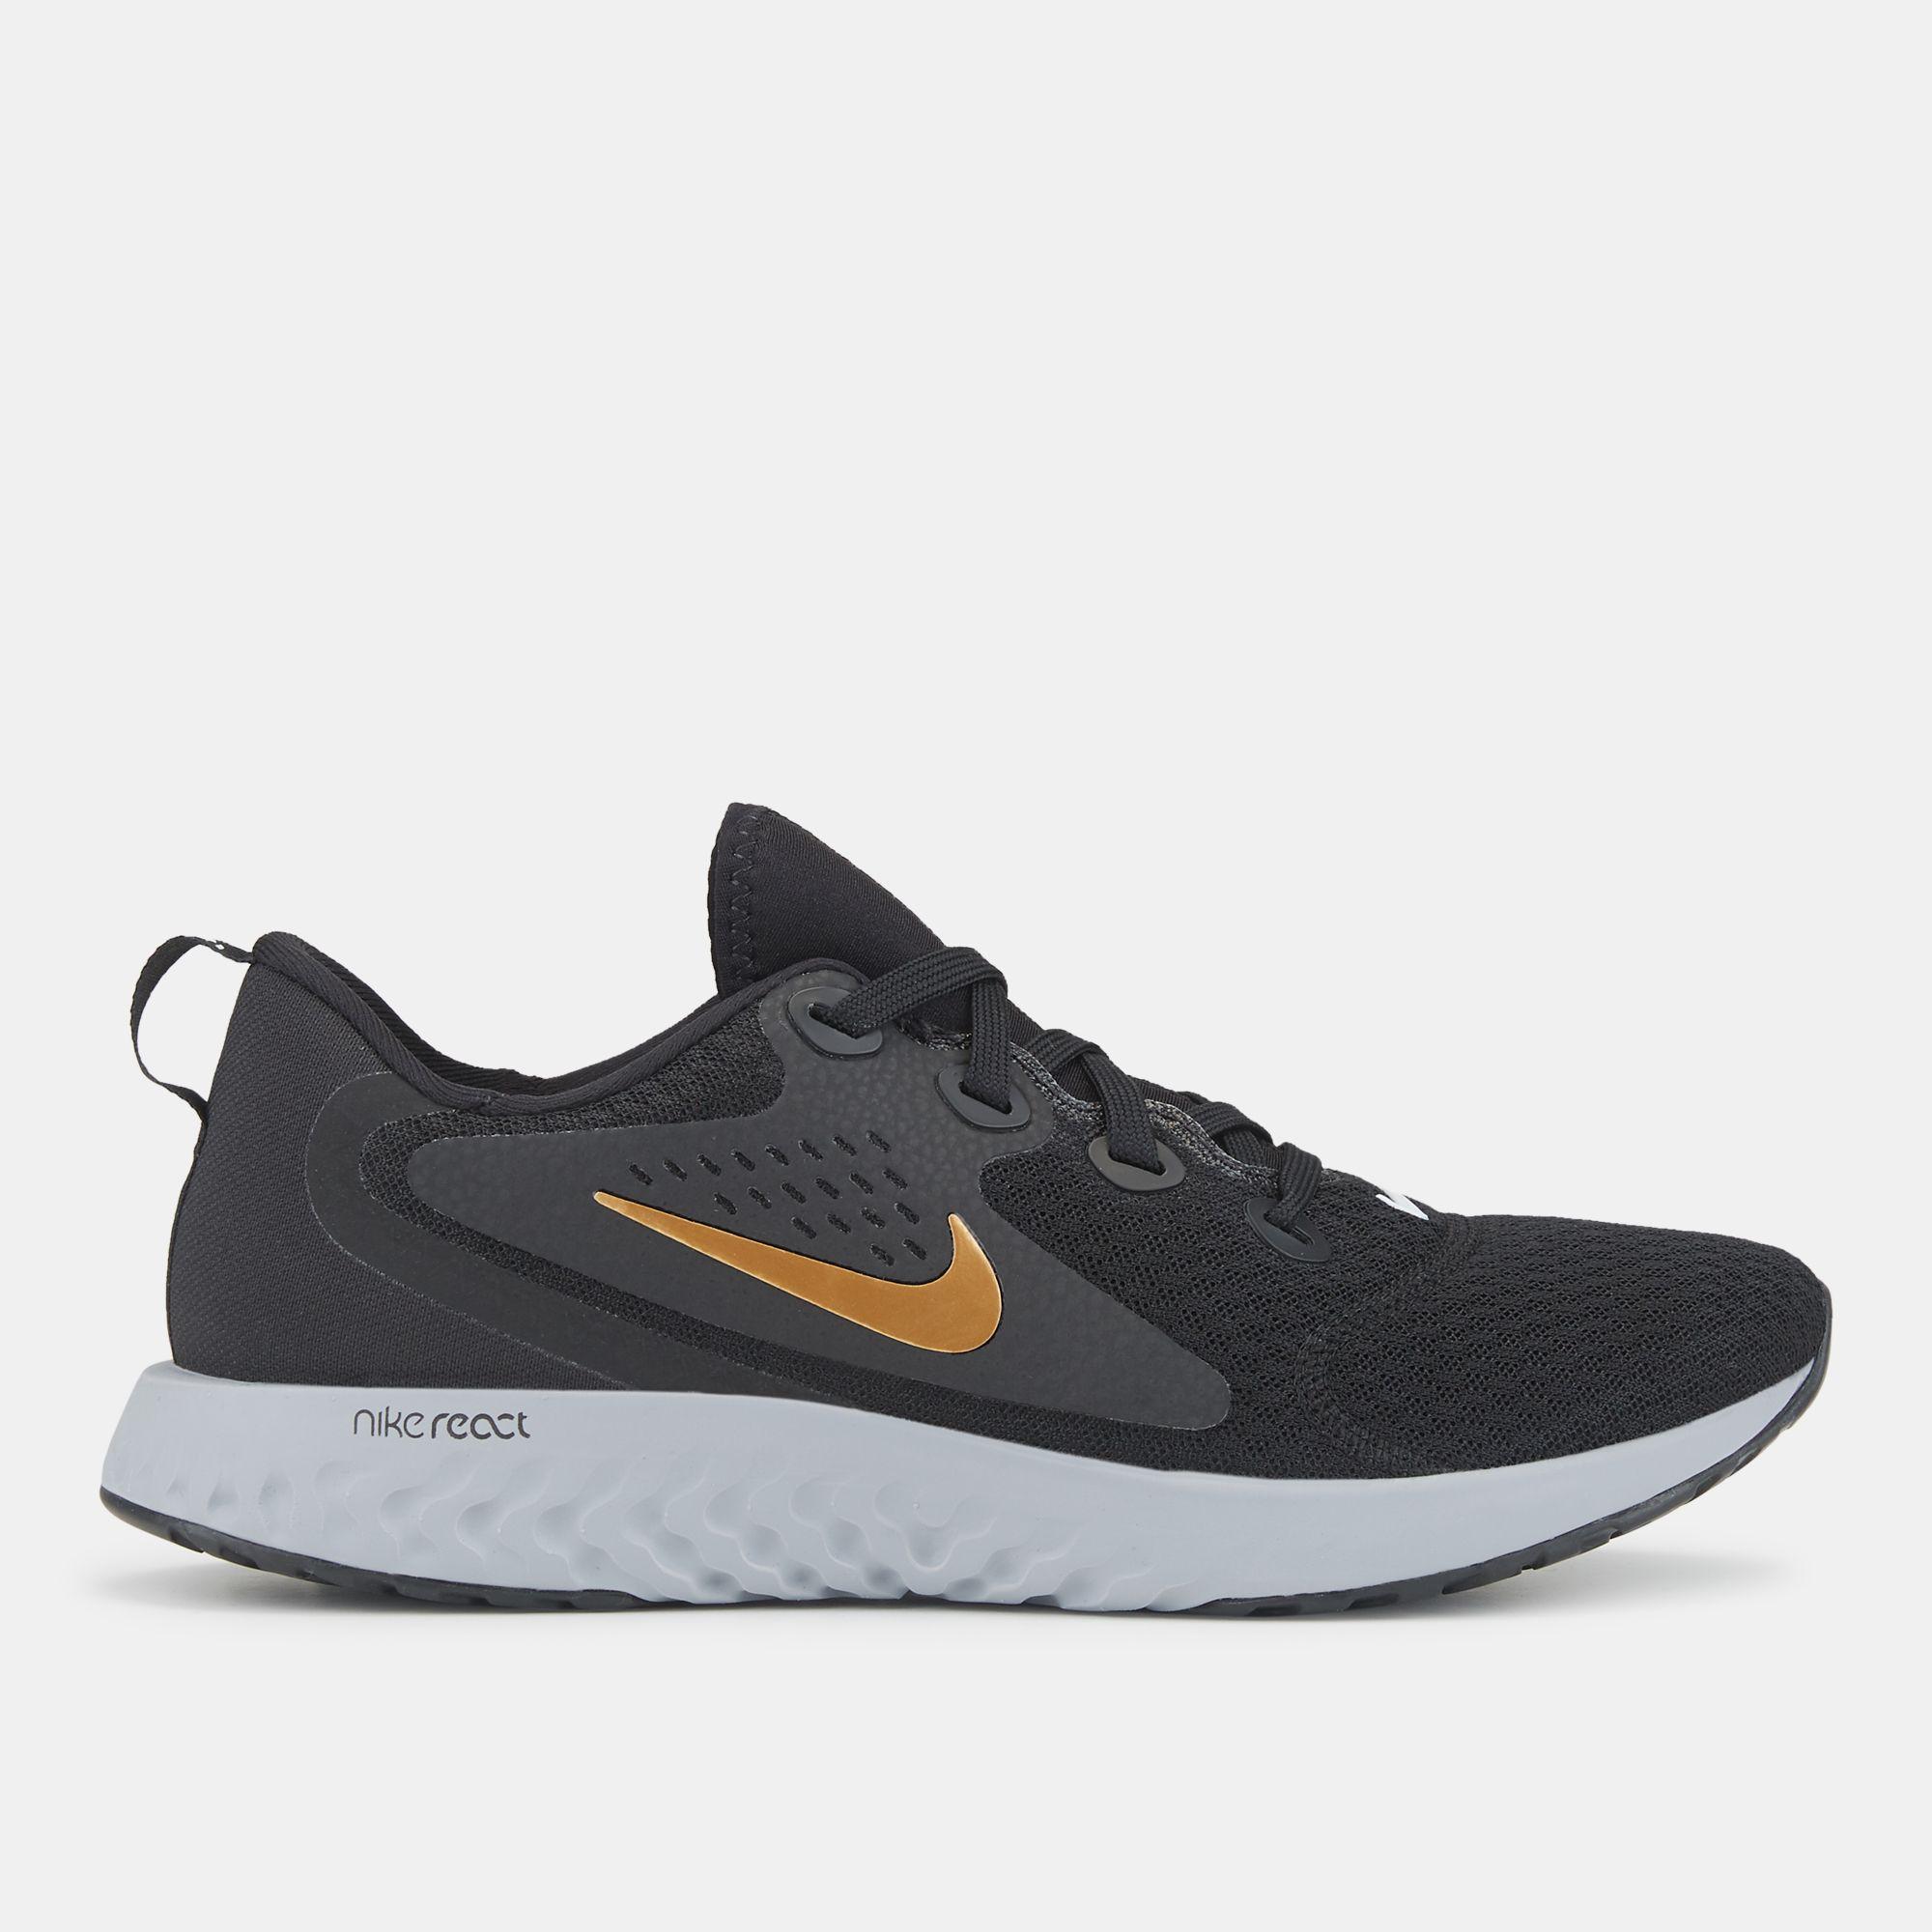 4e271a50798 Nike Legend React Running Shoe